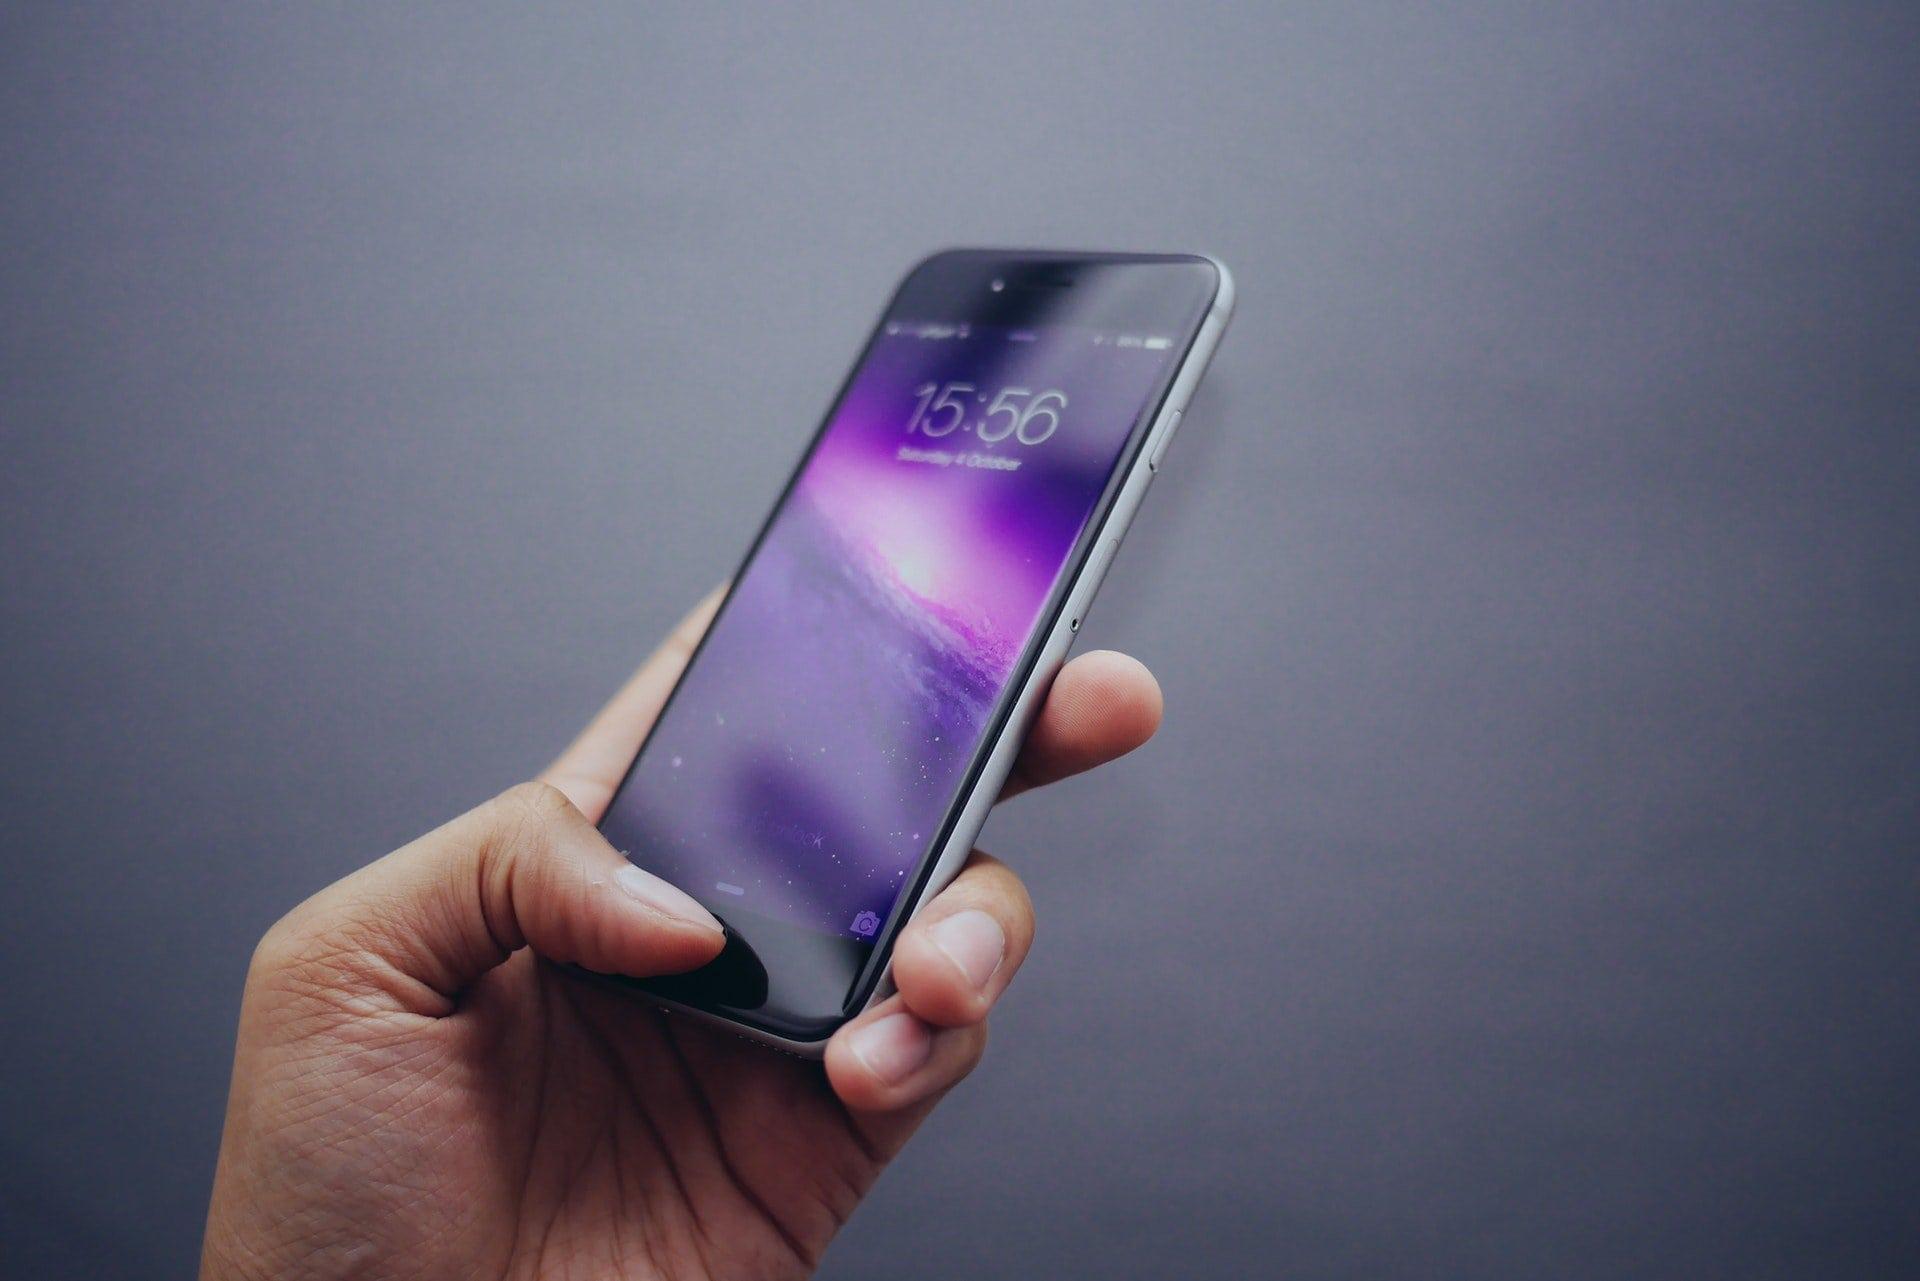 mobil telefon i hånd